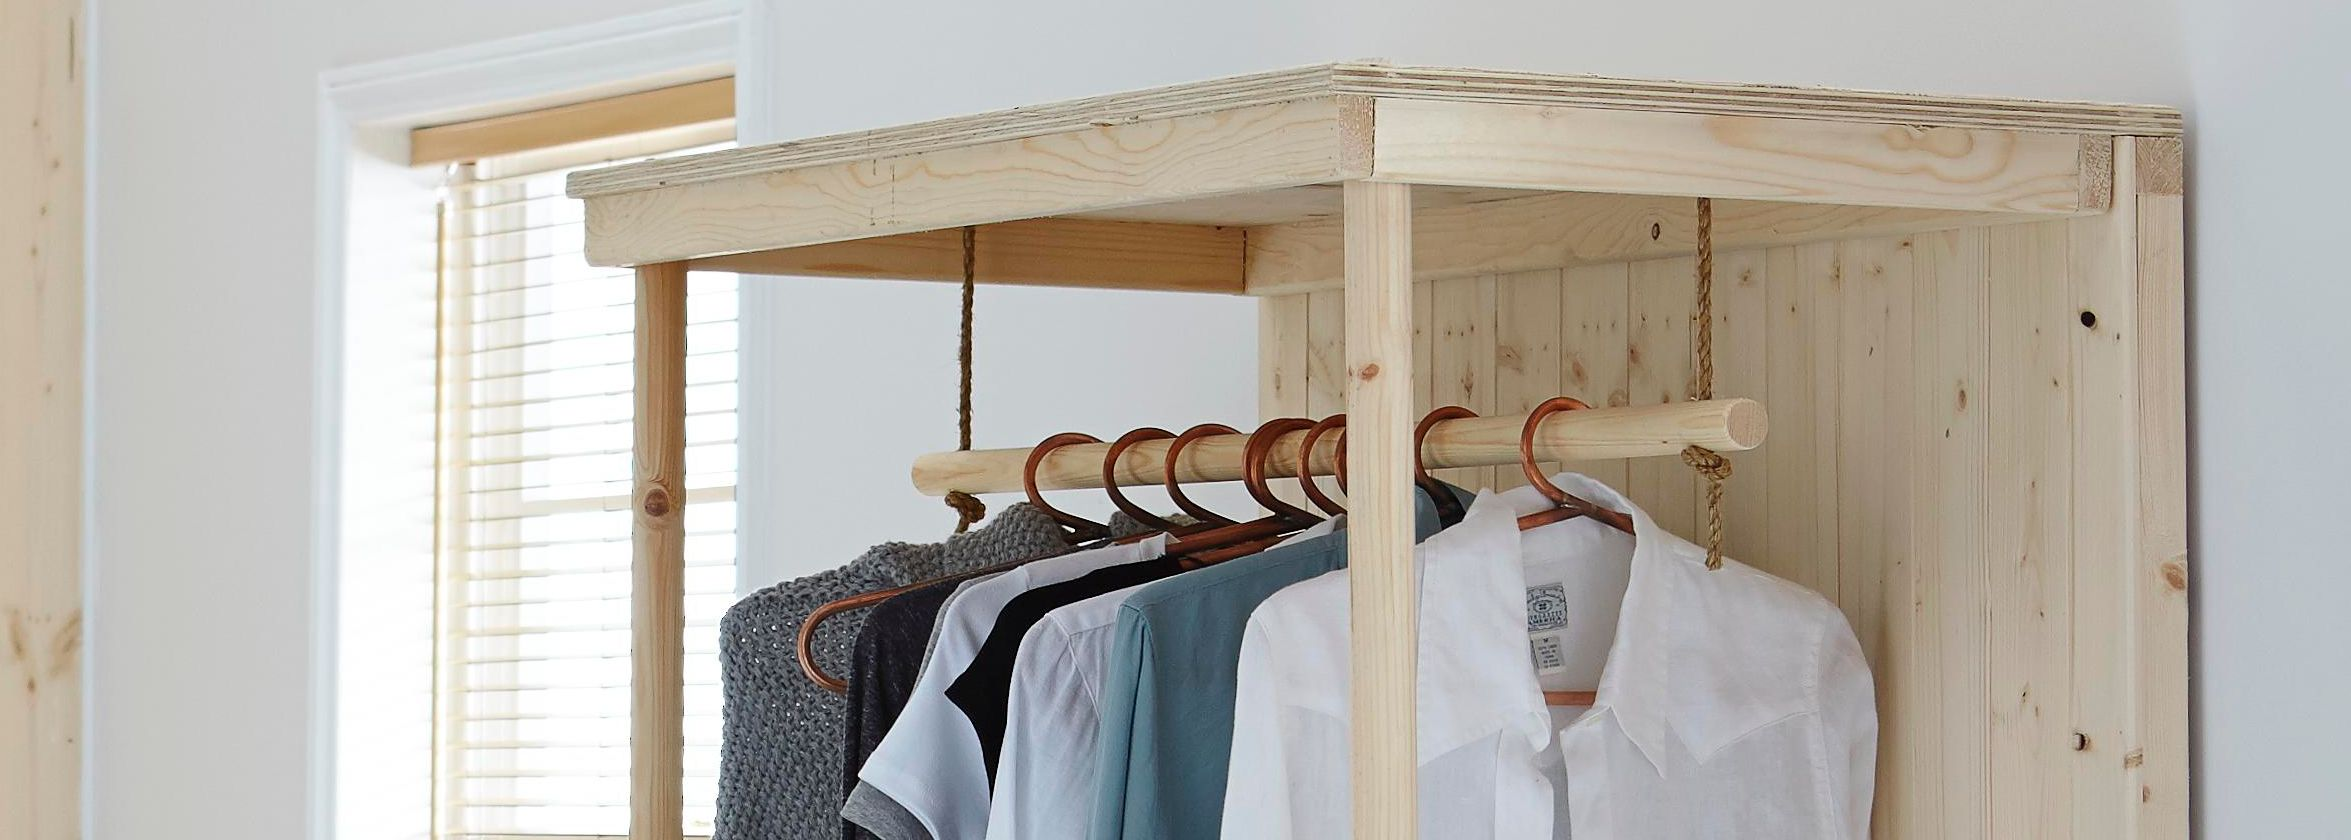 diy wardrobe how to make a wardrobe | help u0026 ideas | diy at bu0026q FEZAUYS